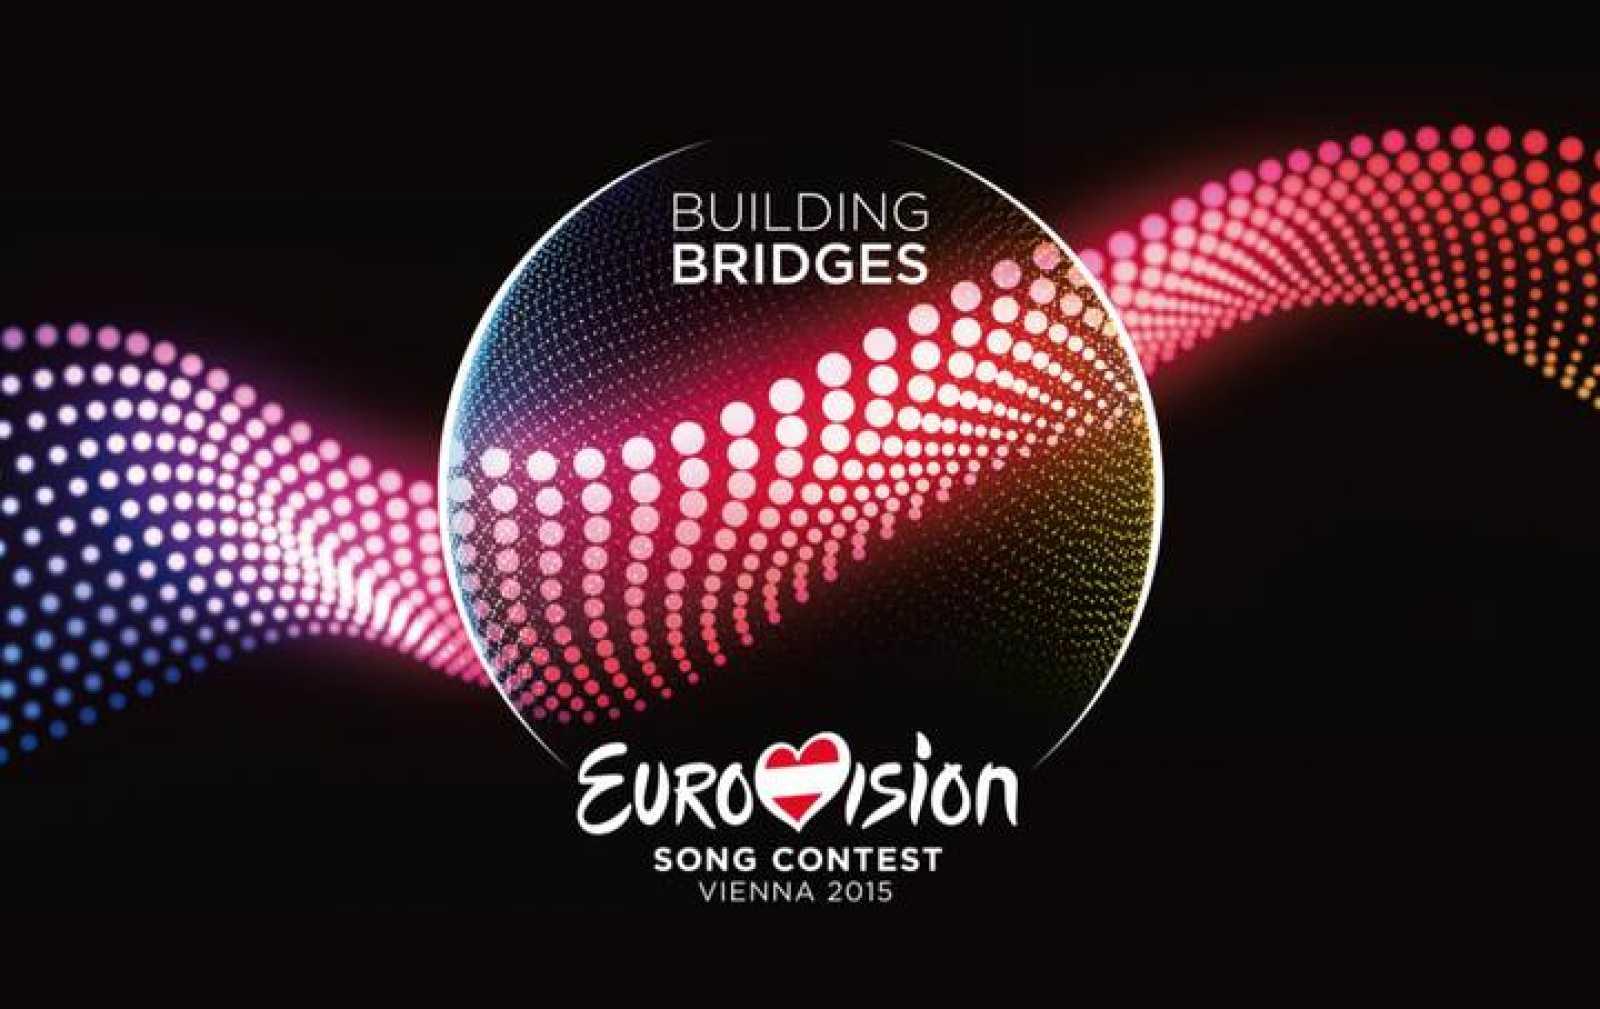 Austria presenta el logo oficial